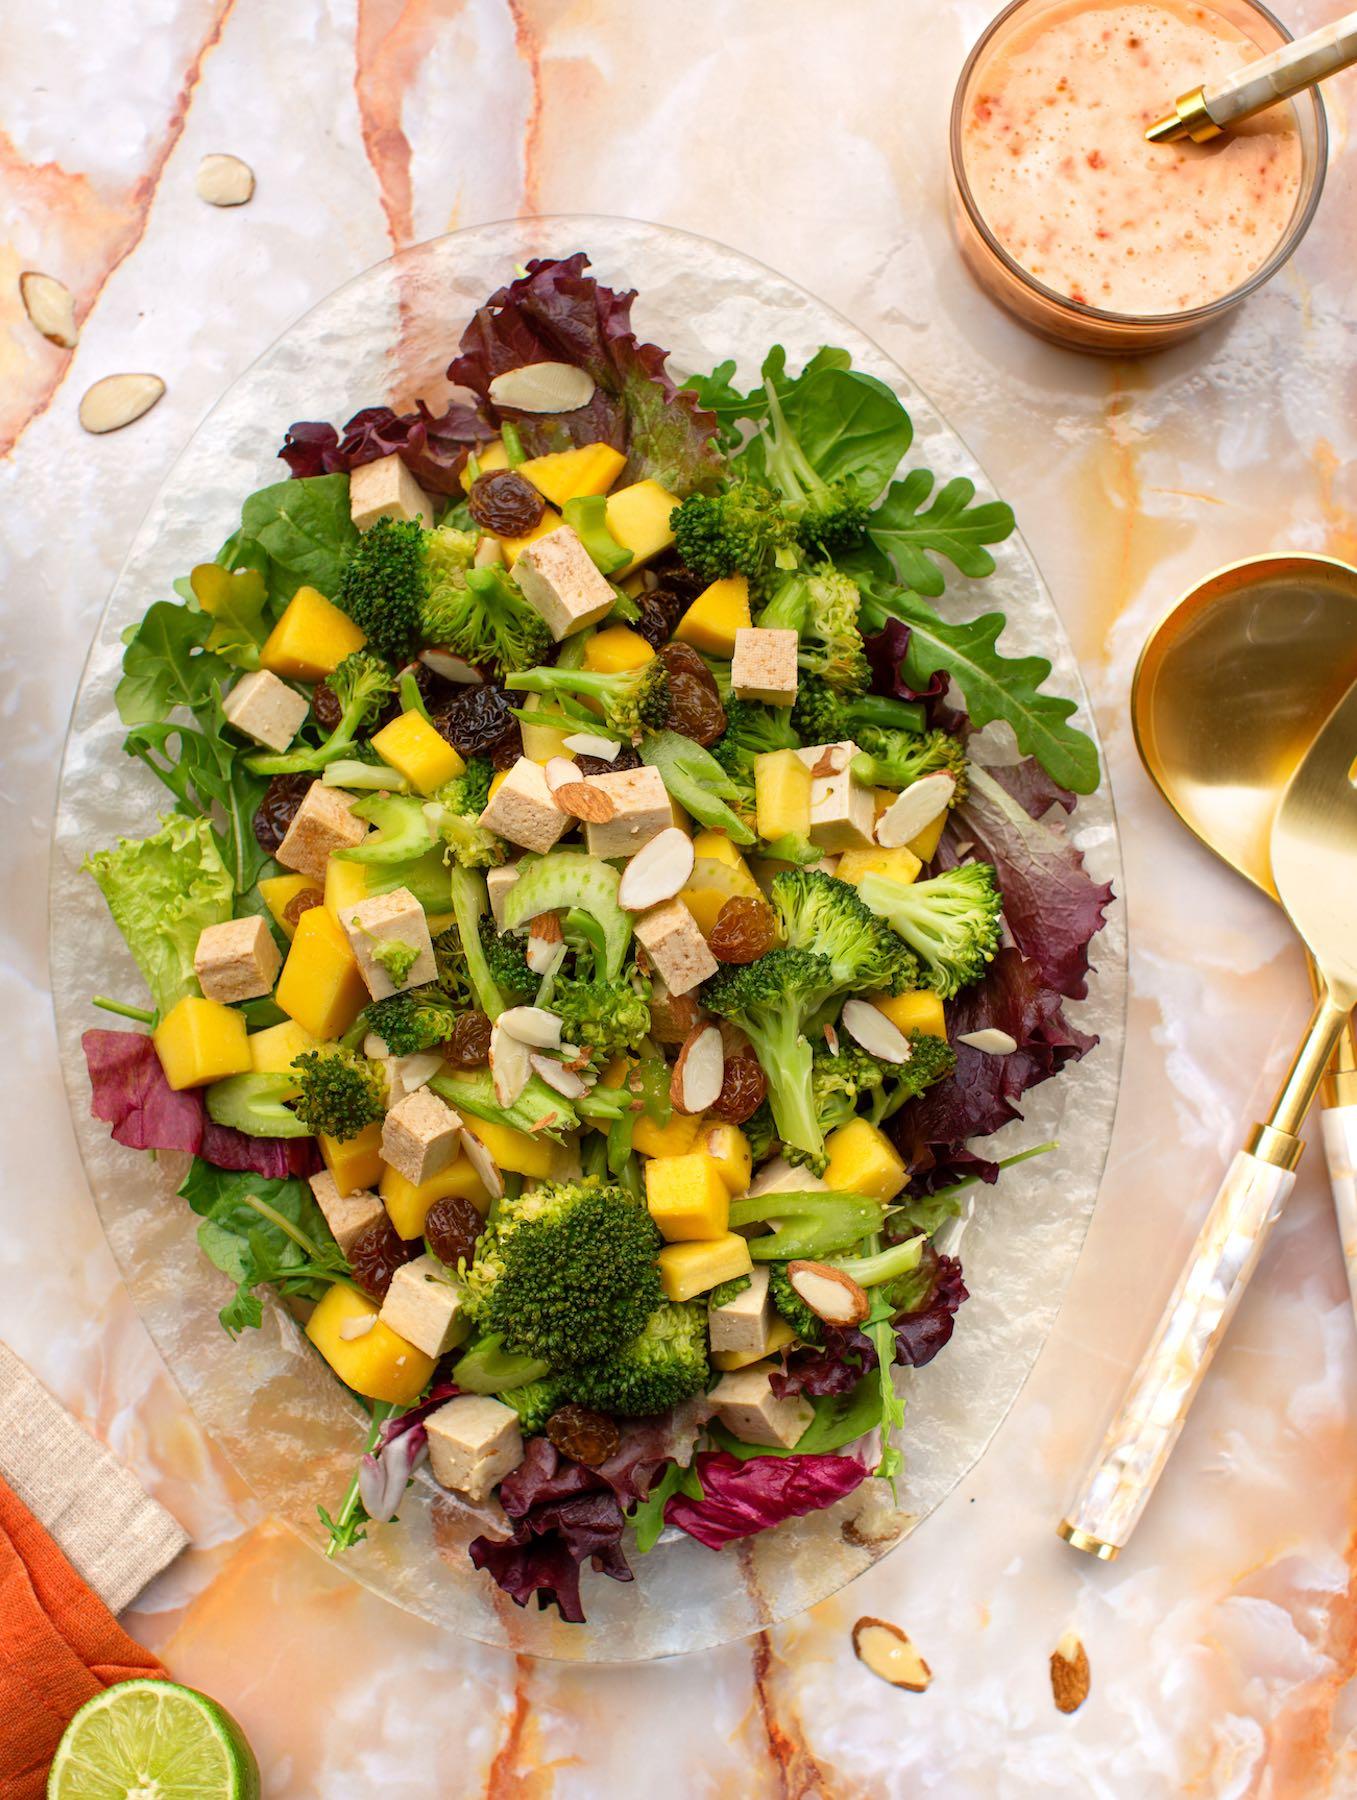 Broccoli and Baked Tofu salad